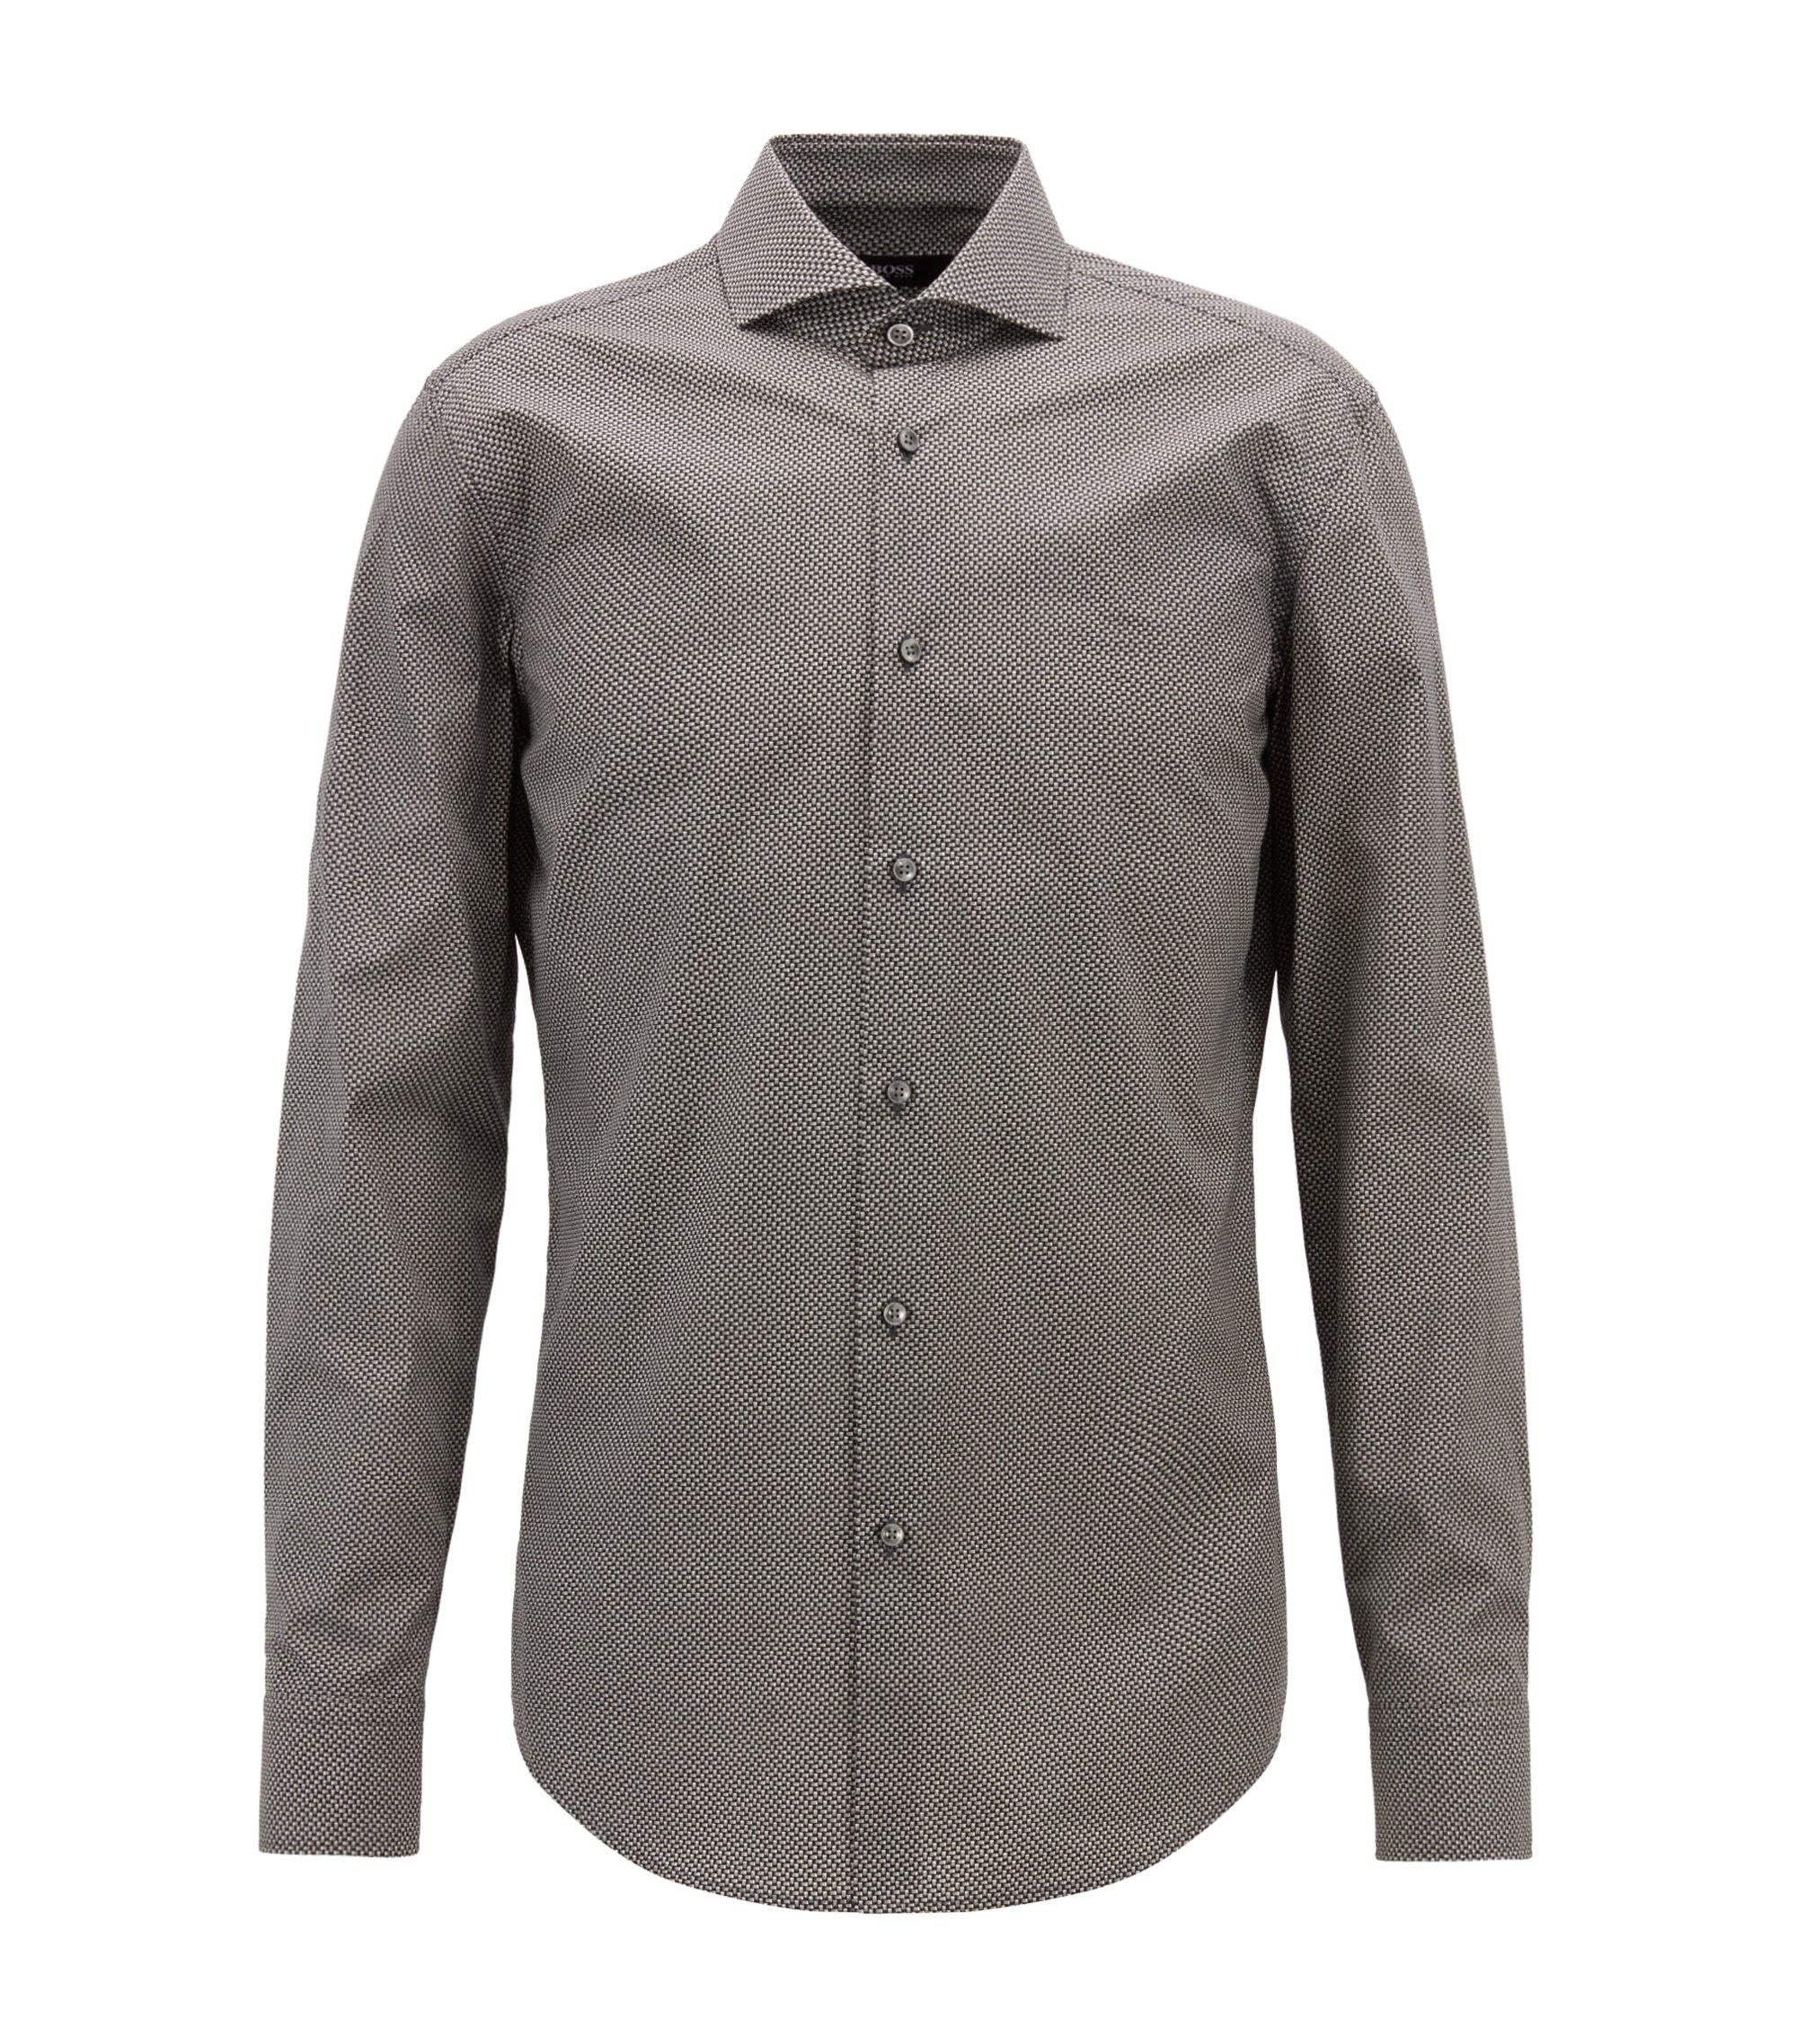 Bedrucktes Slim-Fit Hemd aus italienischer Baumwolle, Dunkelgrau